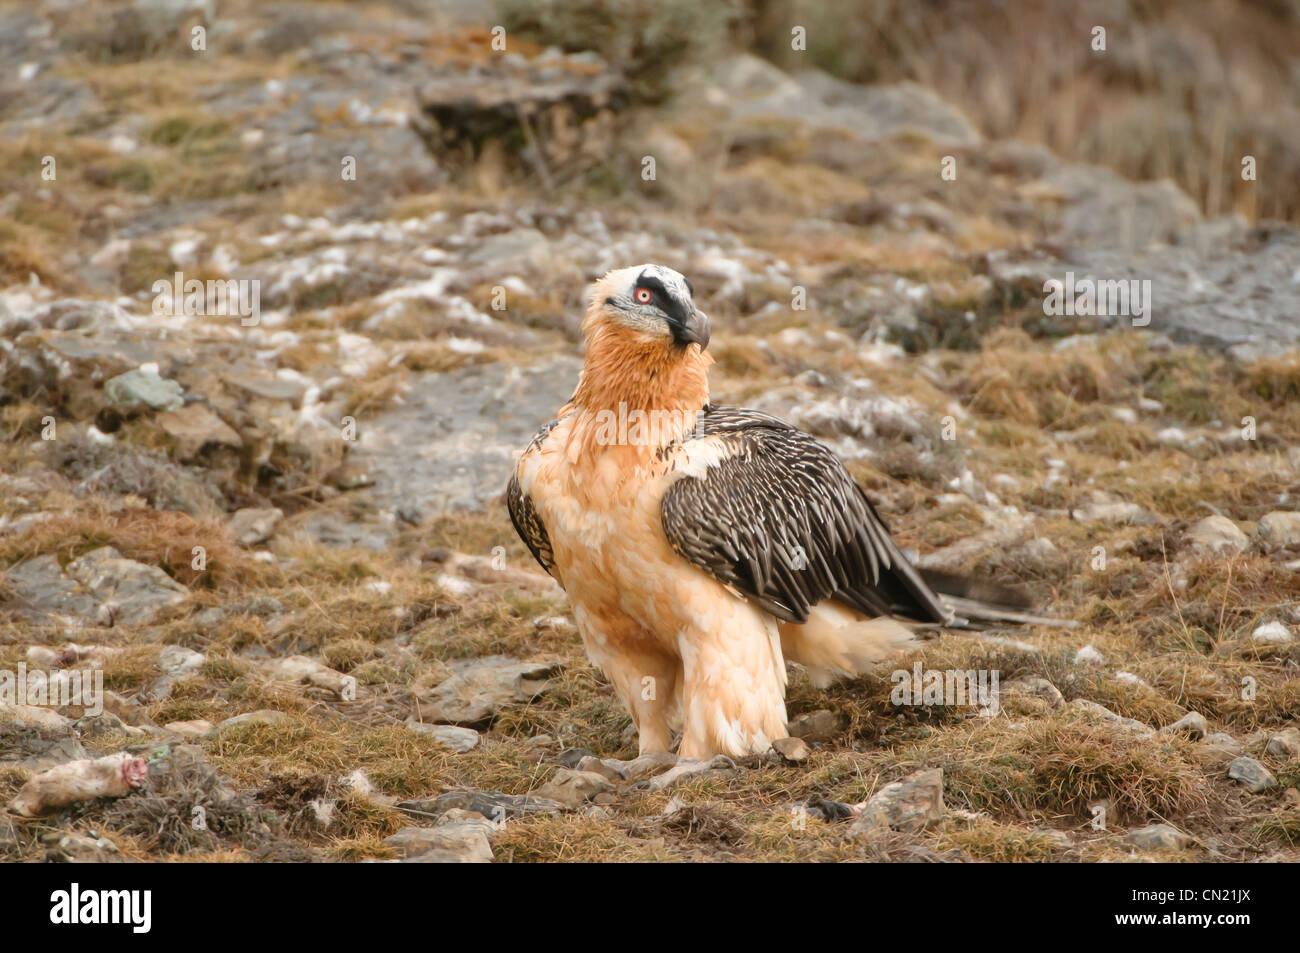 Lagermeier (LIC)) Carrion s'alimenter à une station d'alimentation d'oiseaux nécrophages, Photo Stock